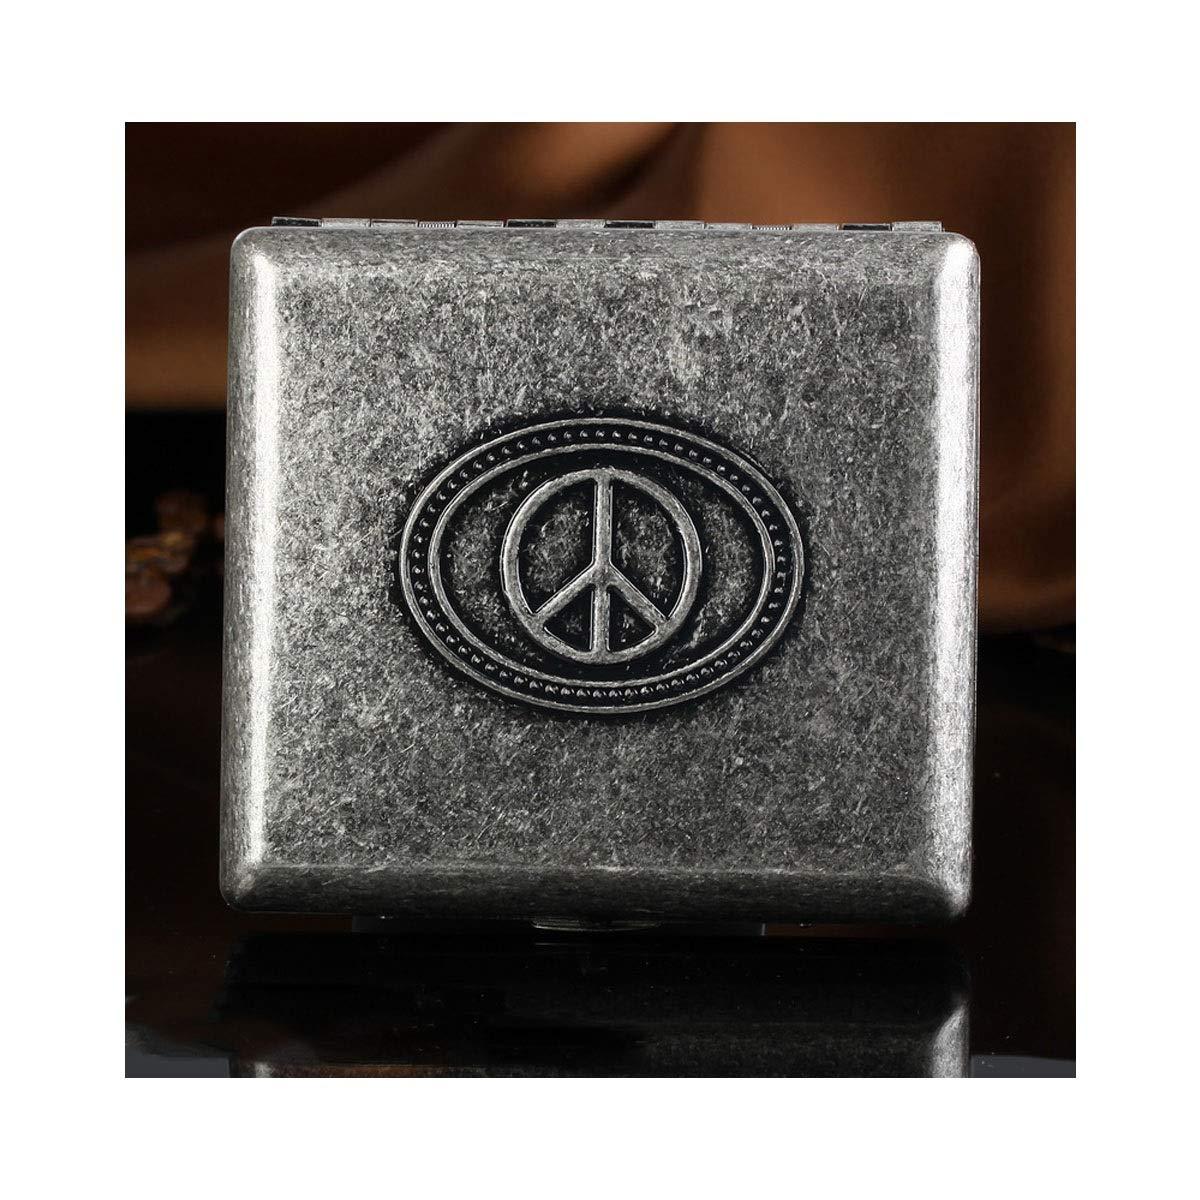 KALMAR Retro Creative Automatic Portable Cigarette Case, 20 Sticks, Men's Personalized Cigarette Case Cigarette Box Cigar Protective Cover (Style : D)